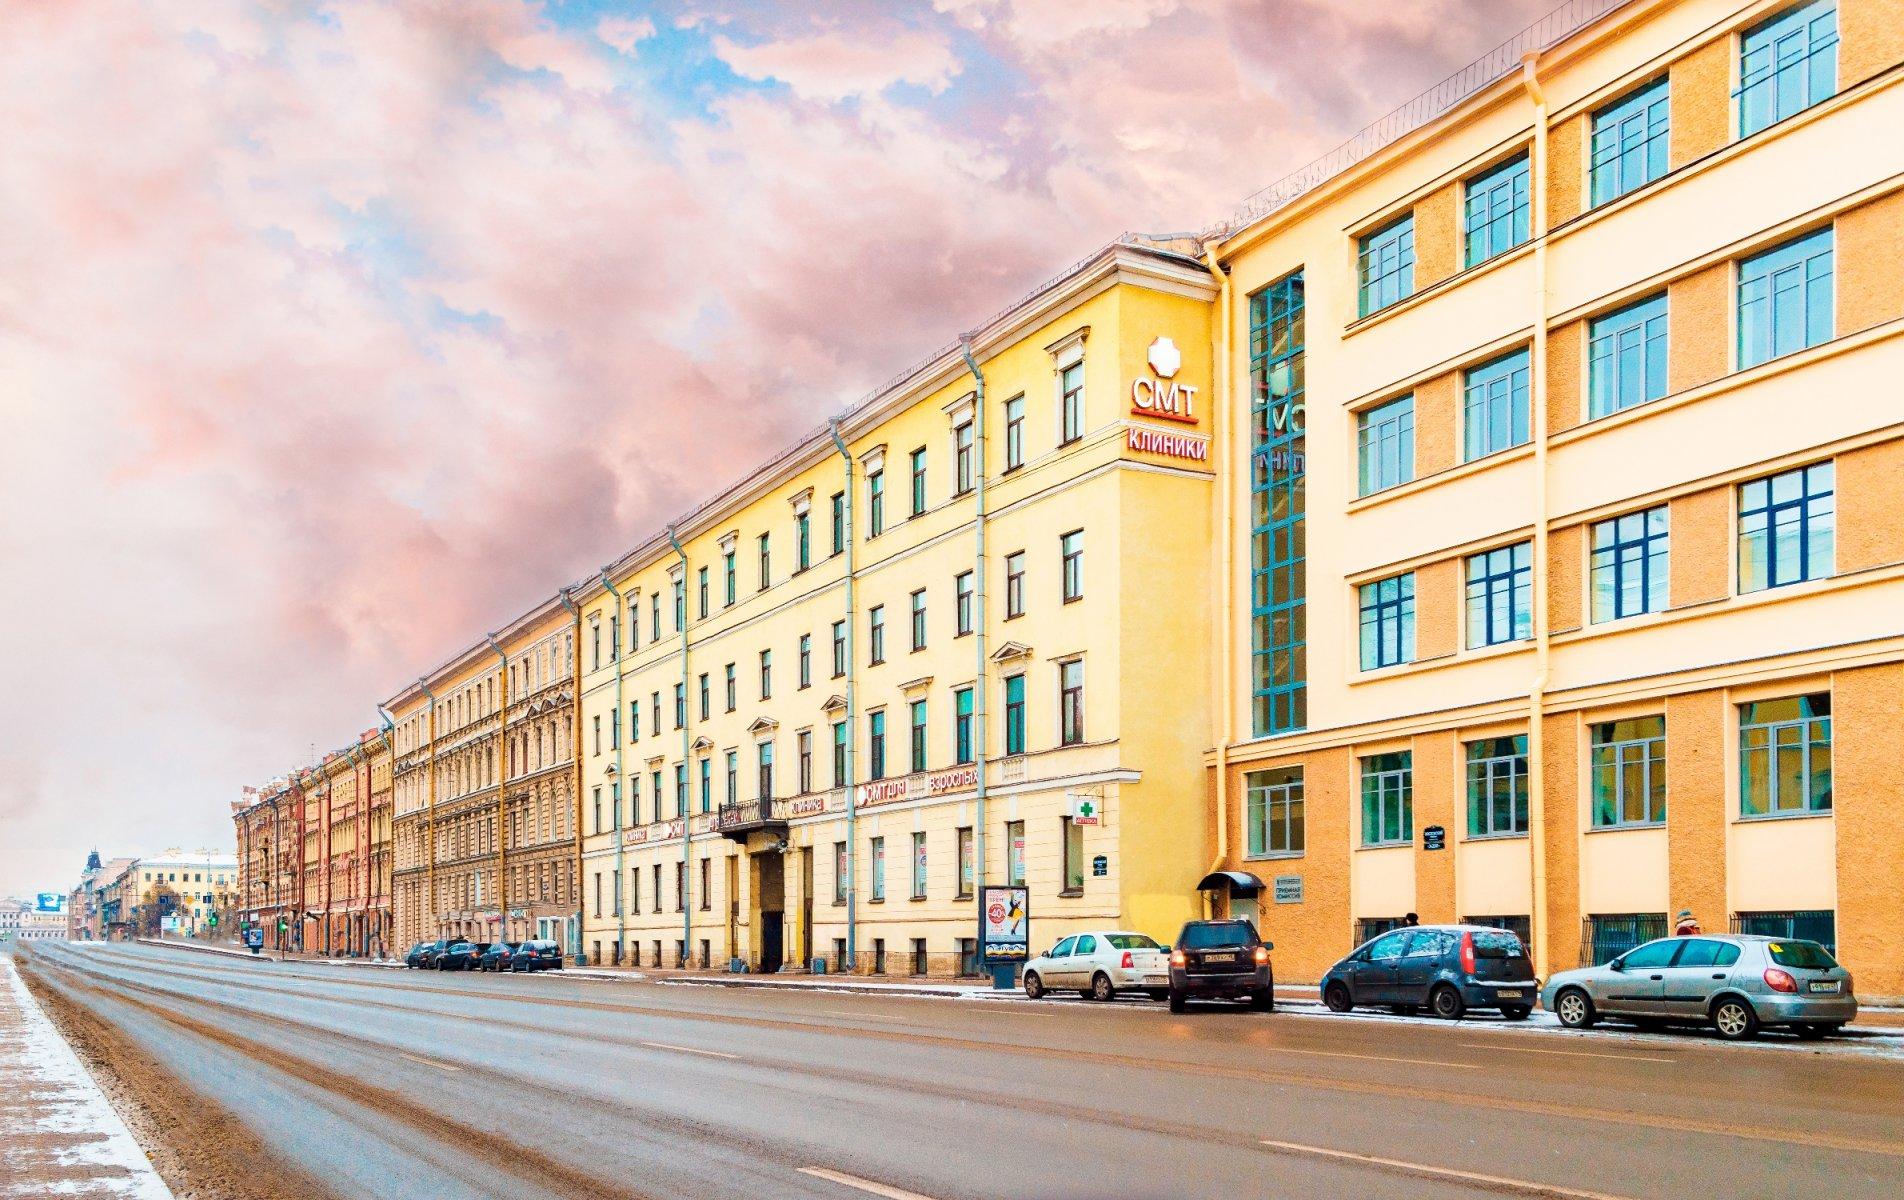 Рейтинг лучших гастроэнтерологических клиник Санкт-Петербурга в 2021 году